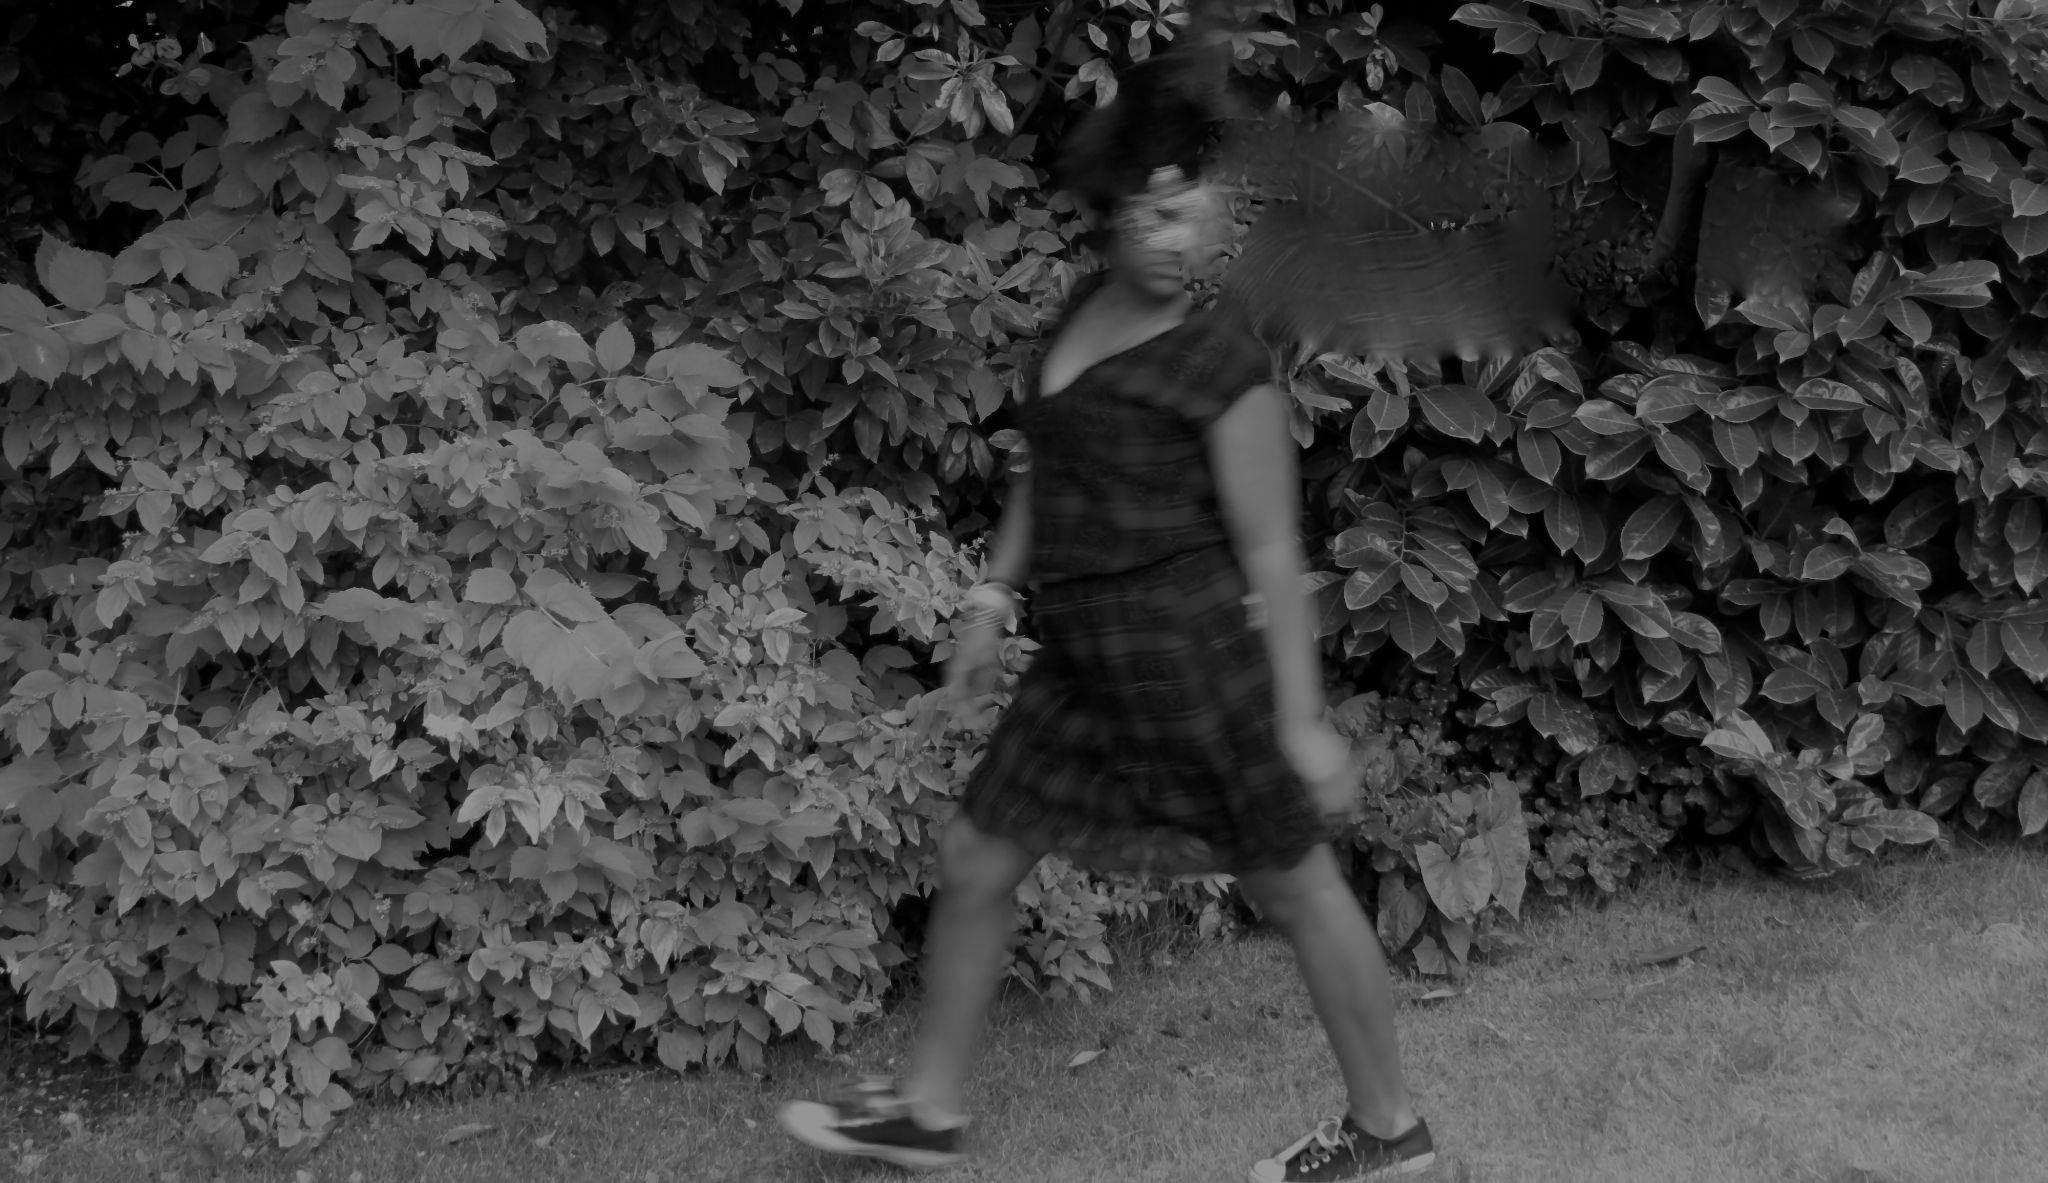 MASKED... WHO AM I? by yasmine.stcroix